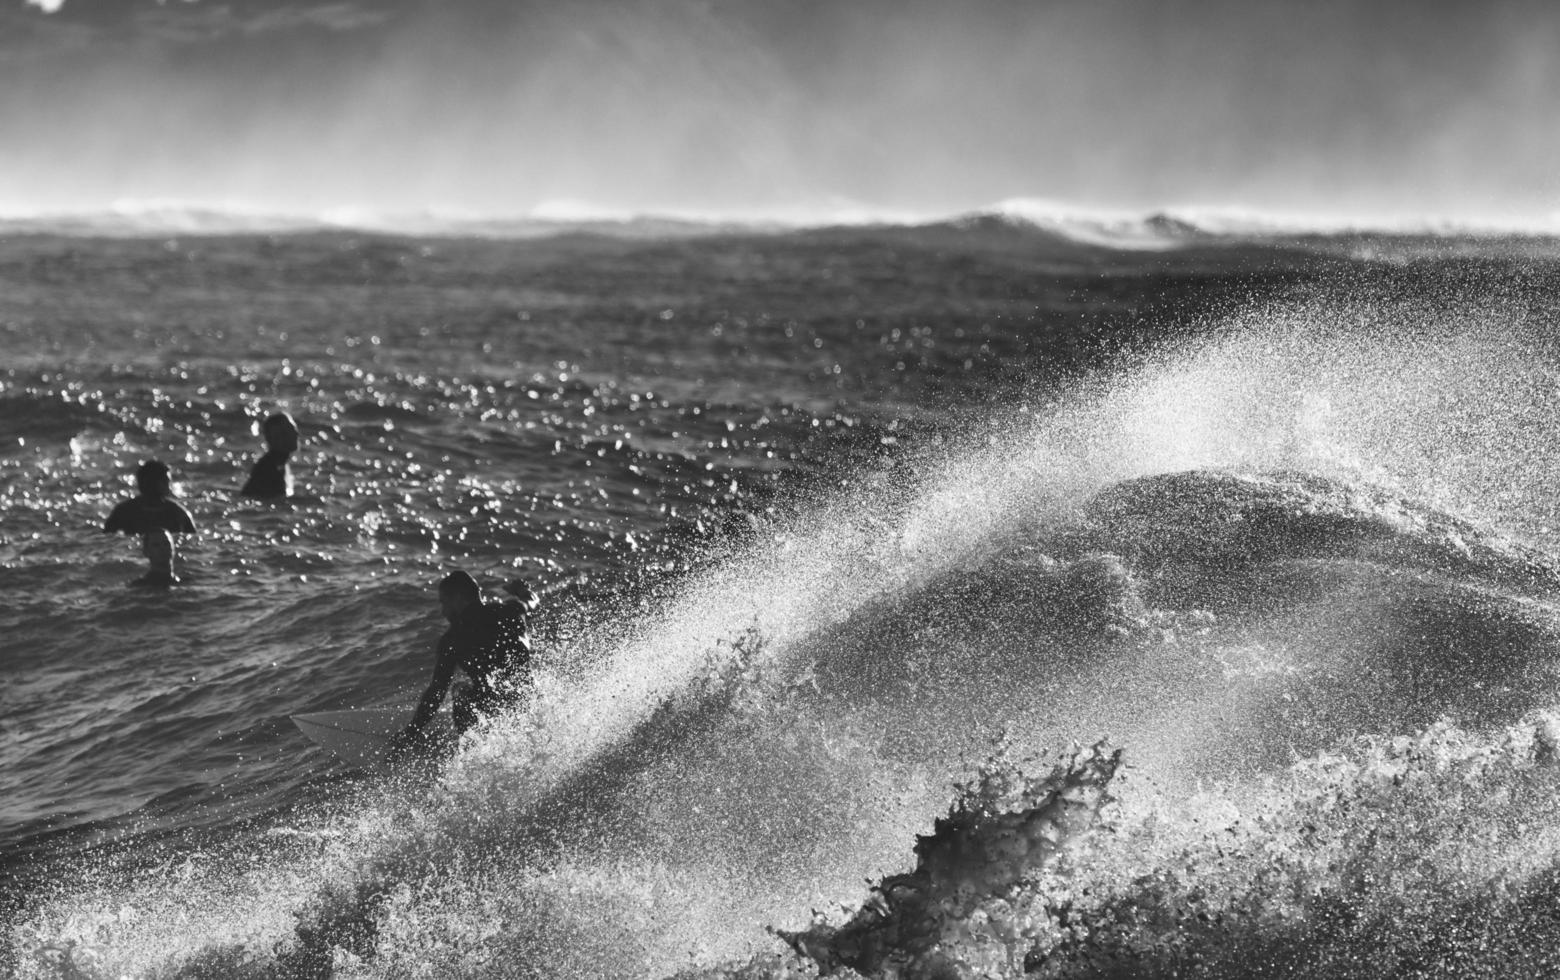 sydney, australien, 2020 - gråskala av människor som surfar på vågor foto